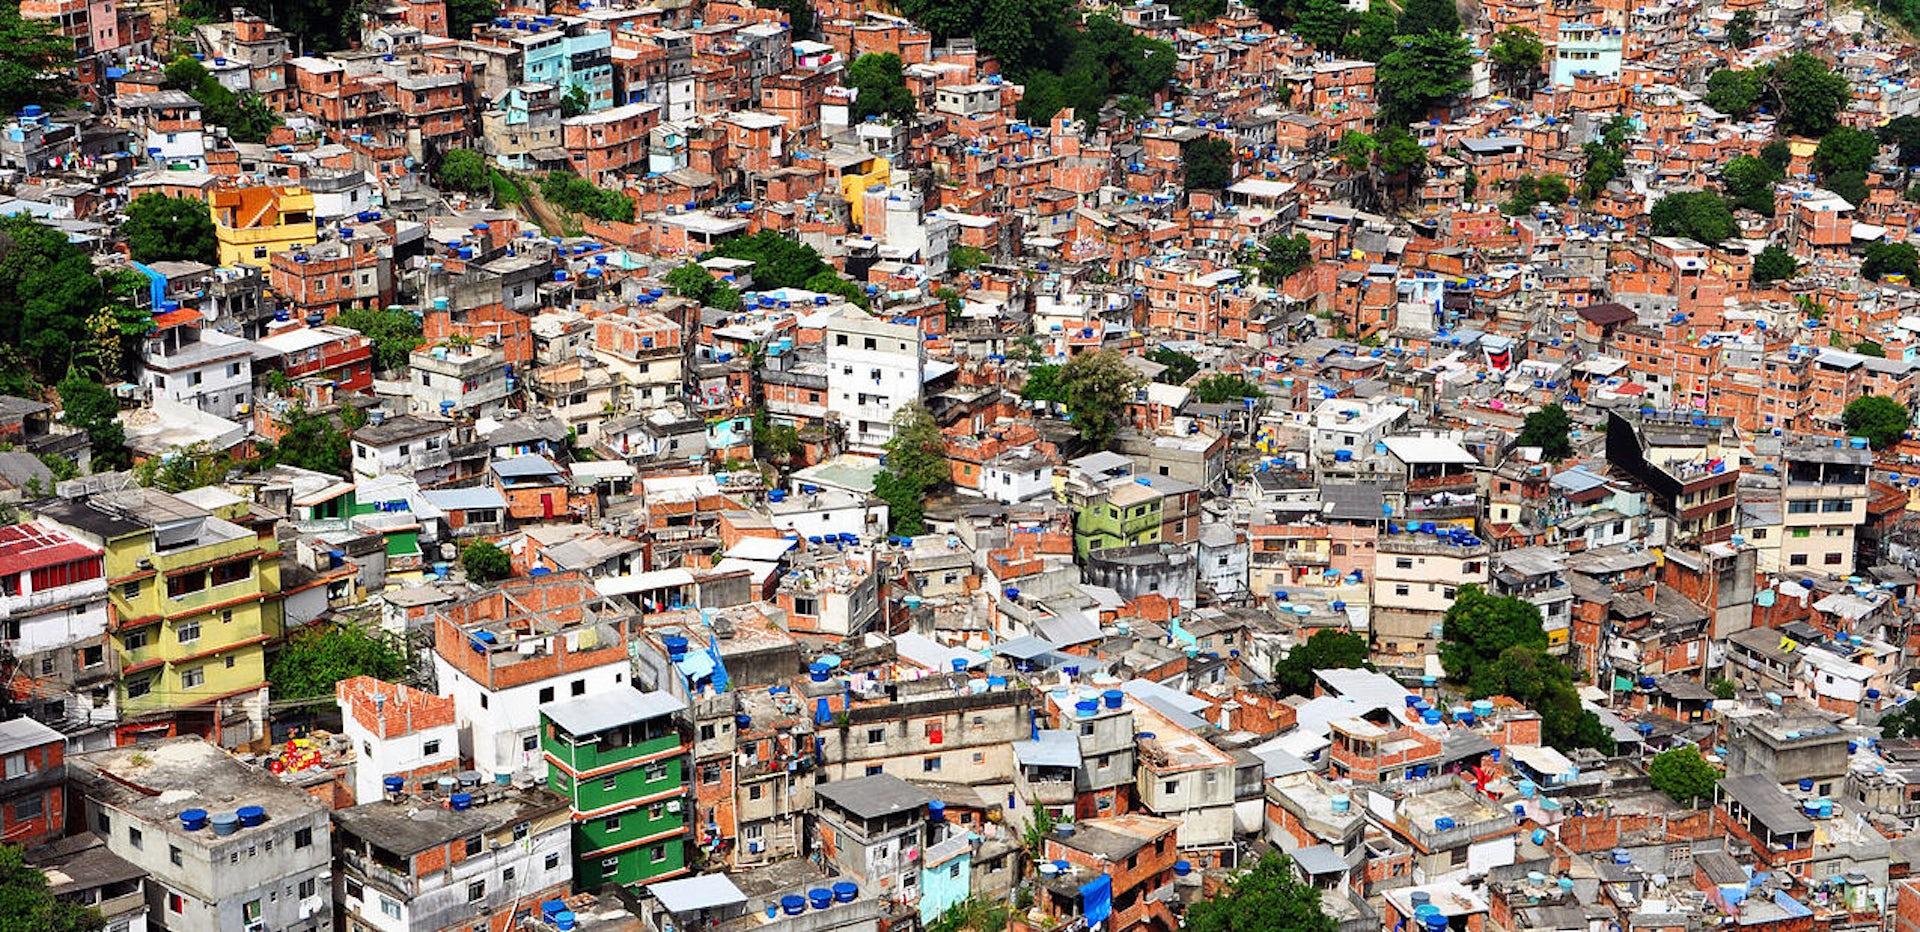 Area Code De Usa%0A Rio de Janeiro u    s Rocinha favela  chensiyuan Wikimedia Commons  CC BYSA